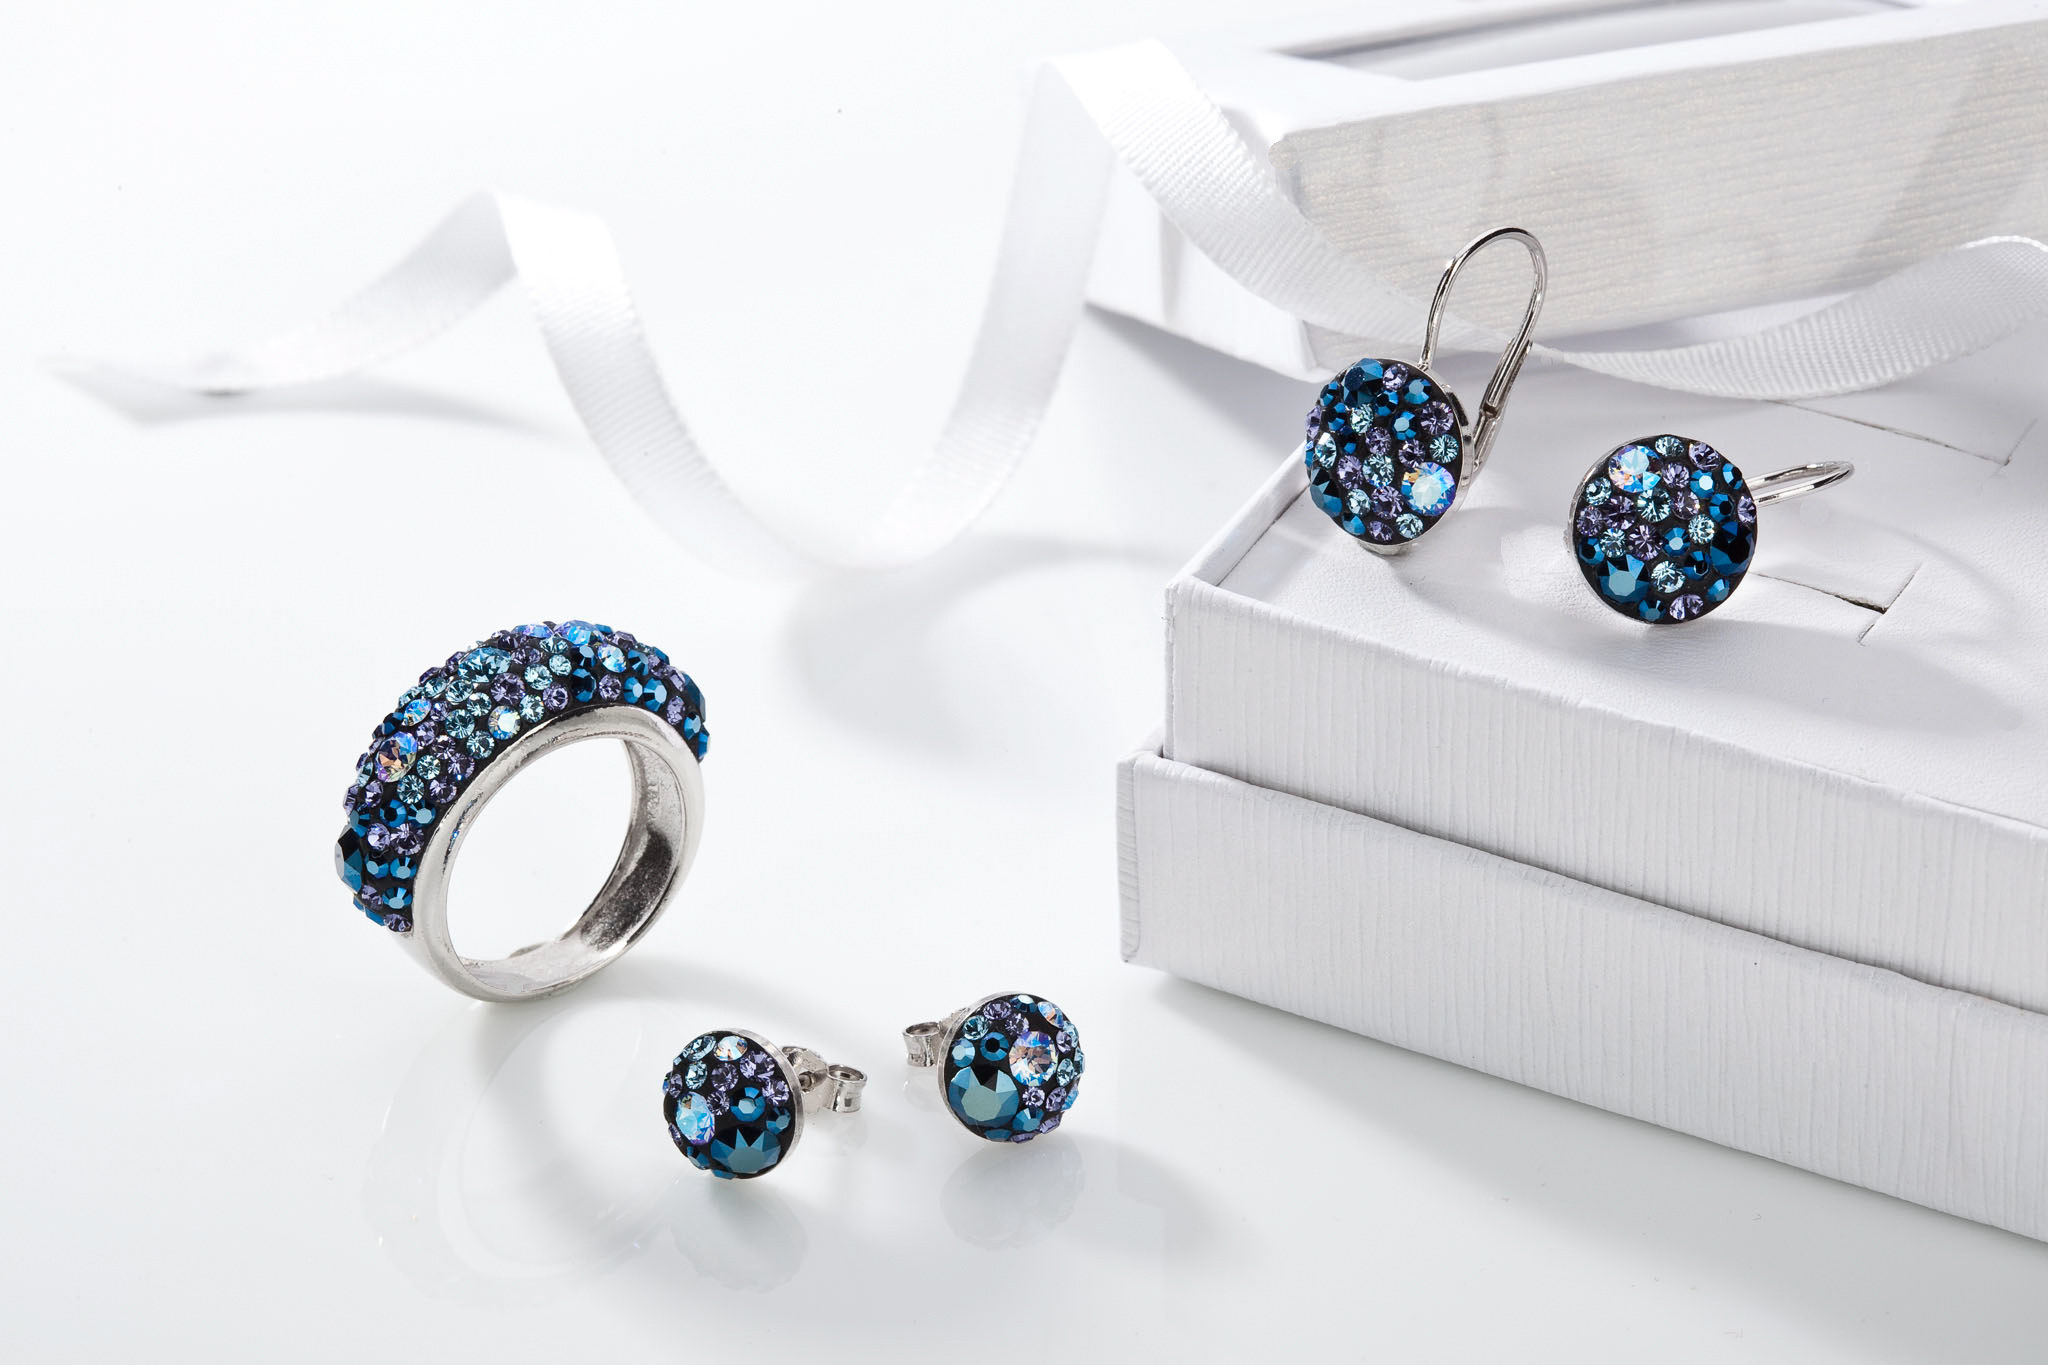 Hledáte šperk, který bude působit vznešeně a upoutá pozornost? Vsaďte na zdobení modrým kamenem